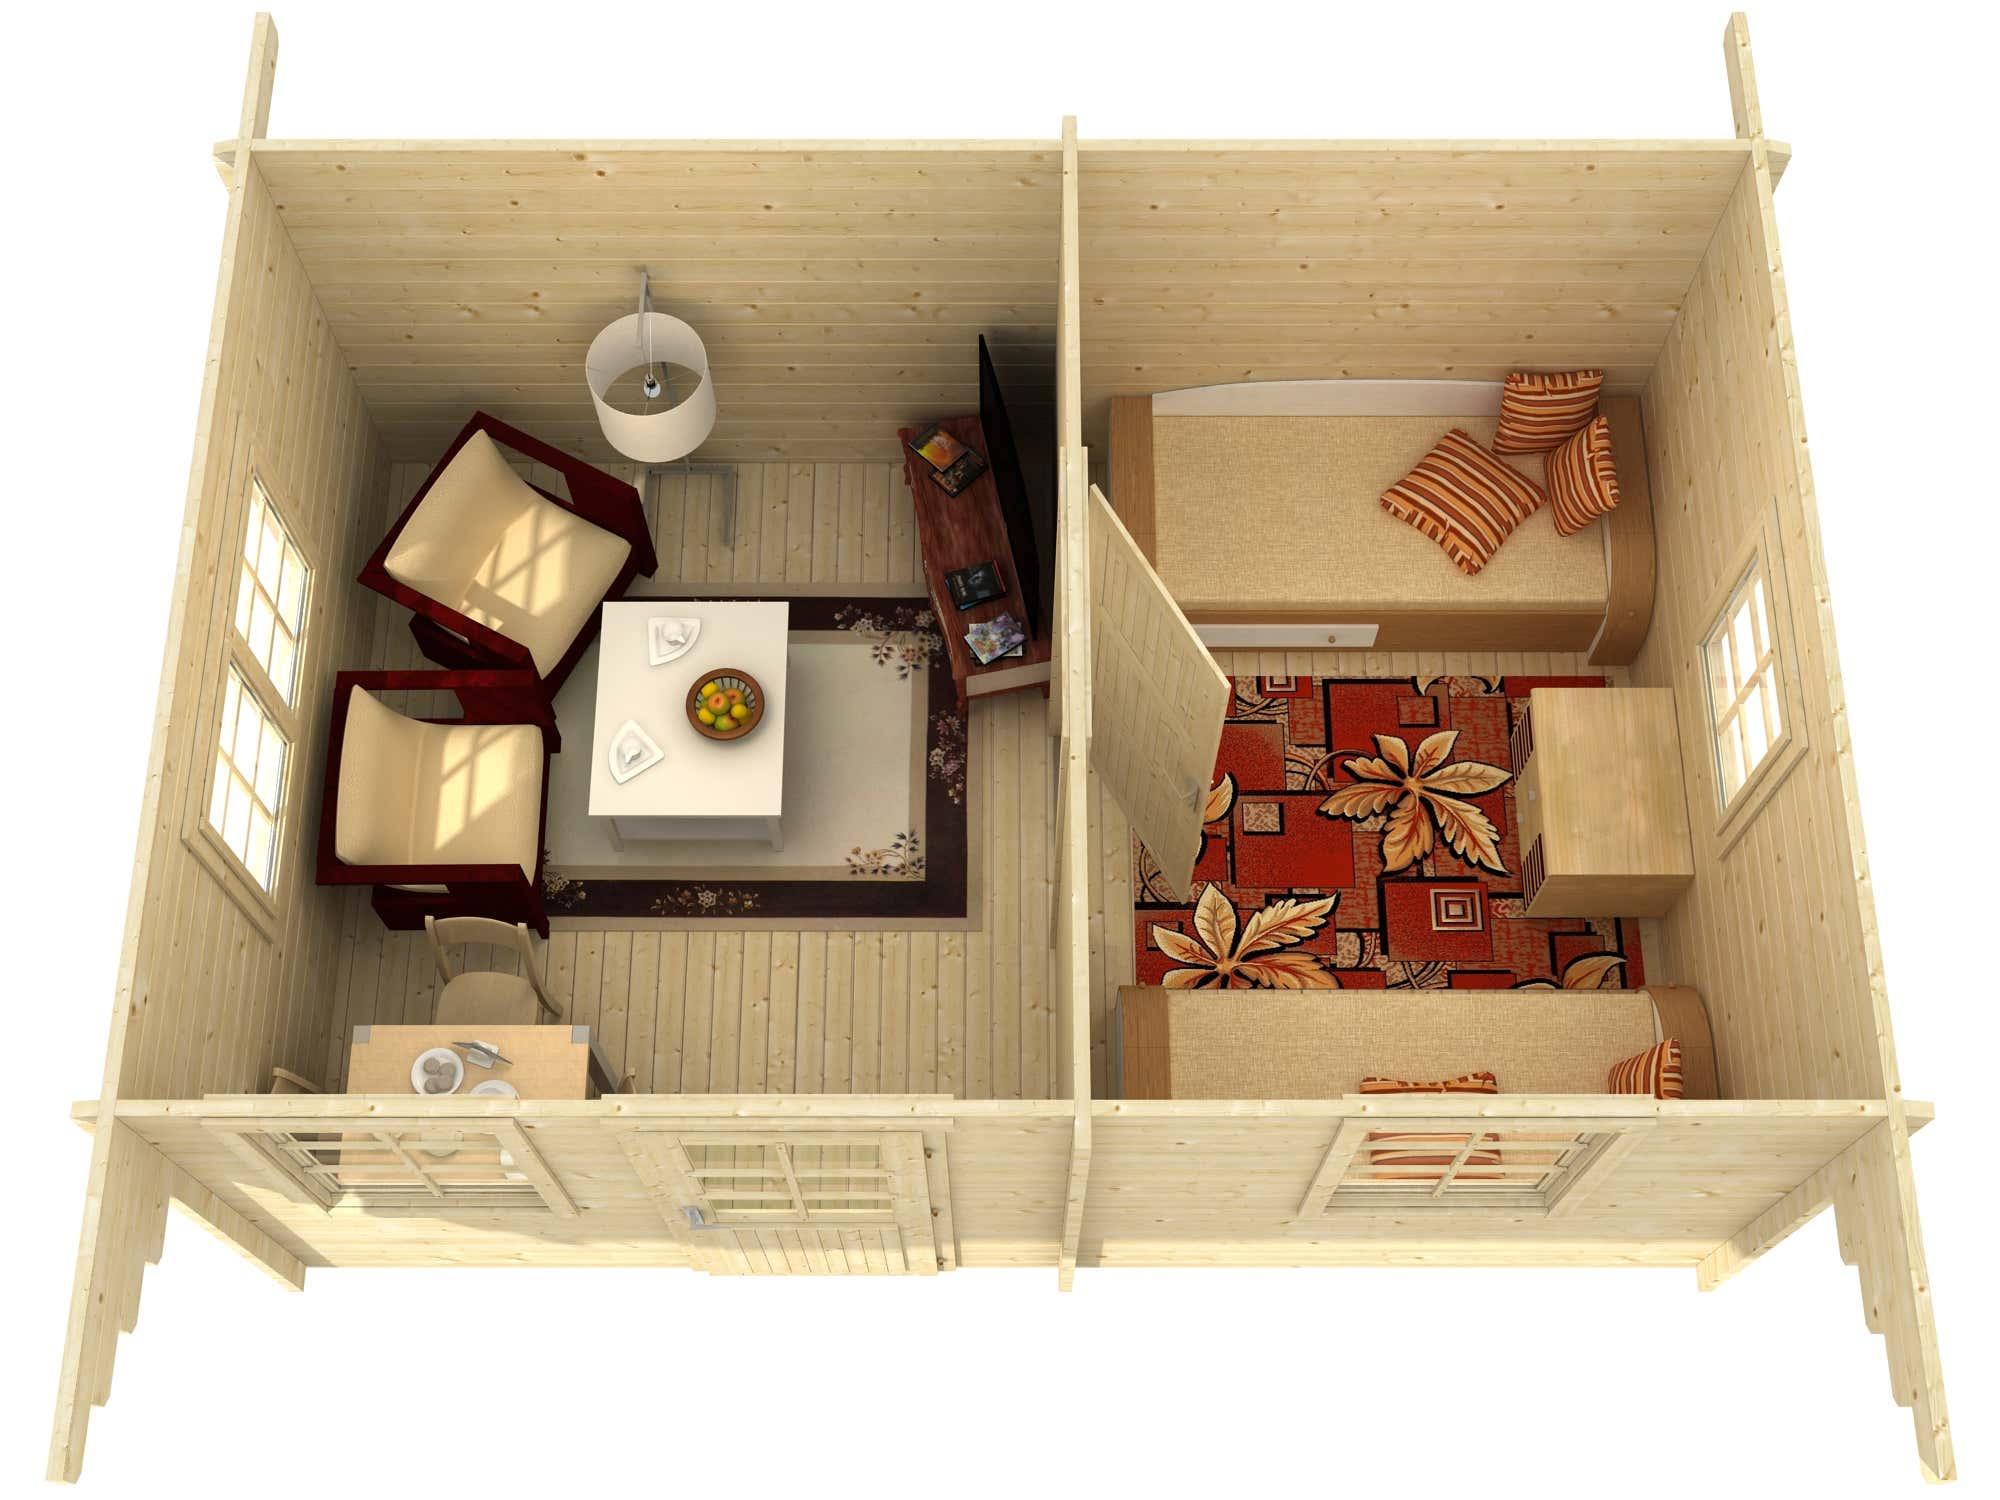 2 raum gartenhaus modell susanna 44 iso a z gartenhaus gmbh. Black Bedroom Furniture Sets. Home Design Ideas